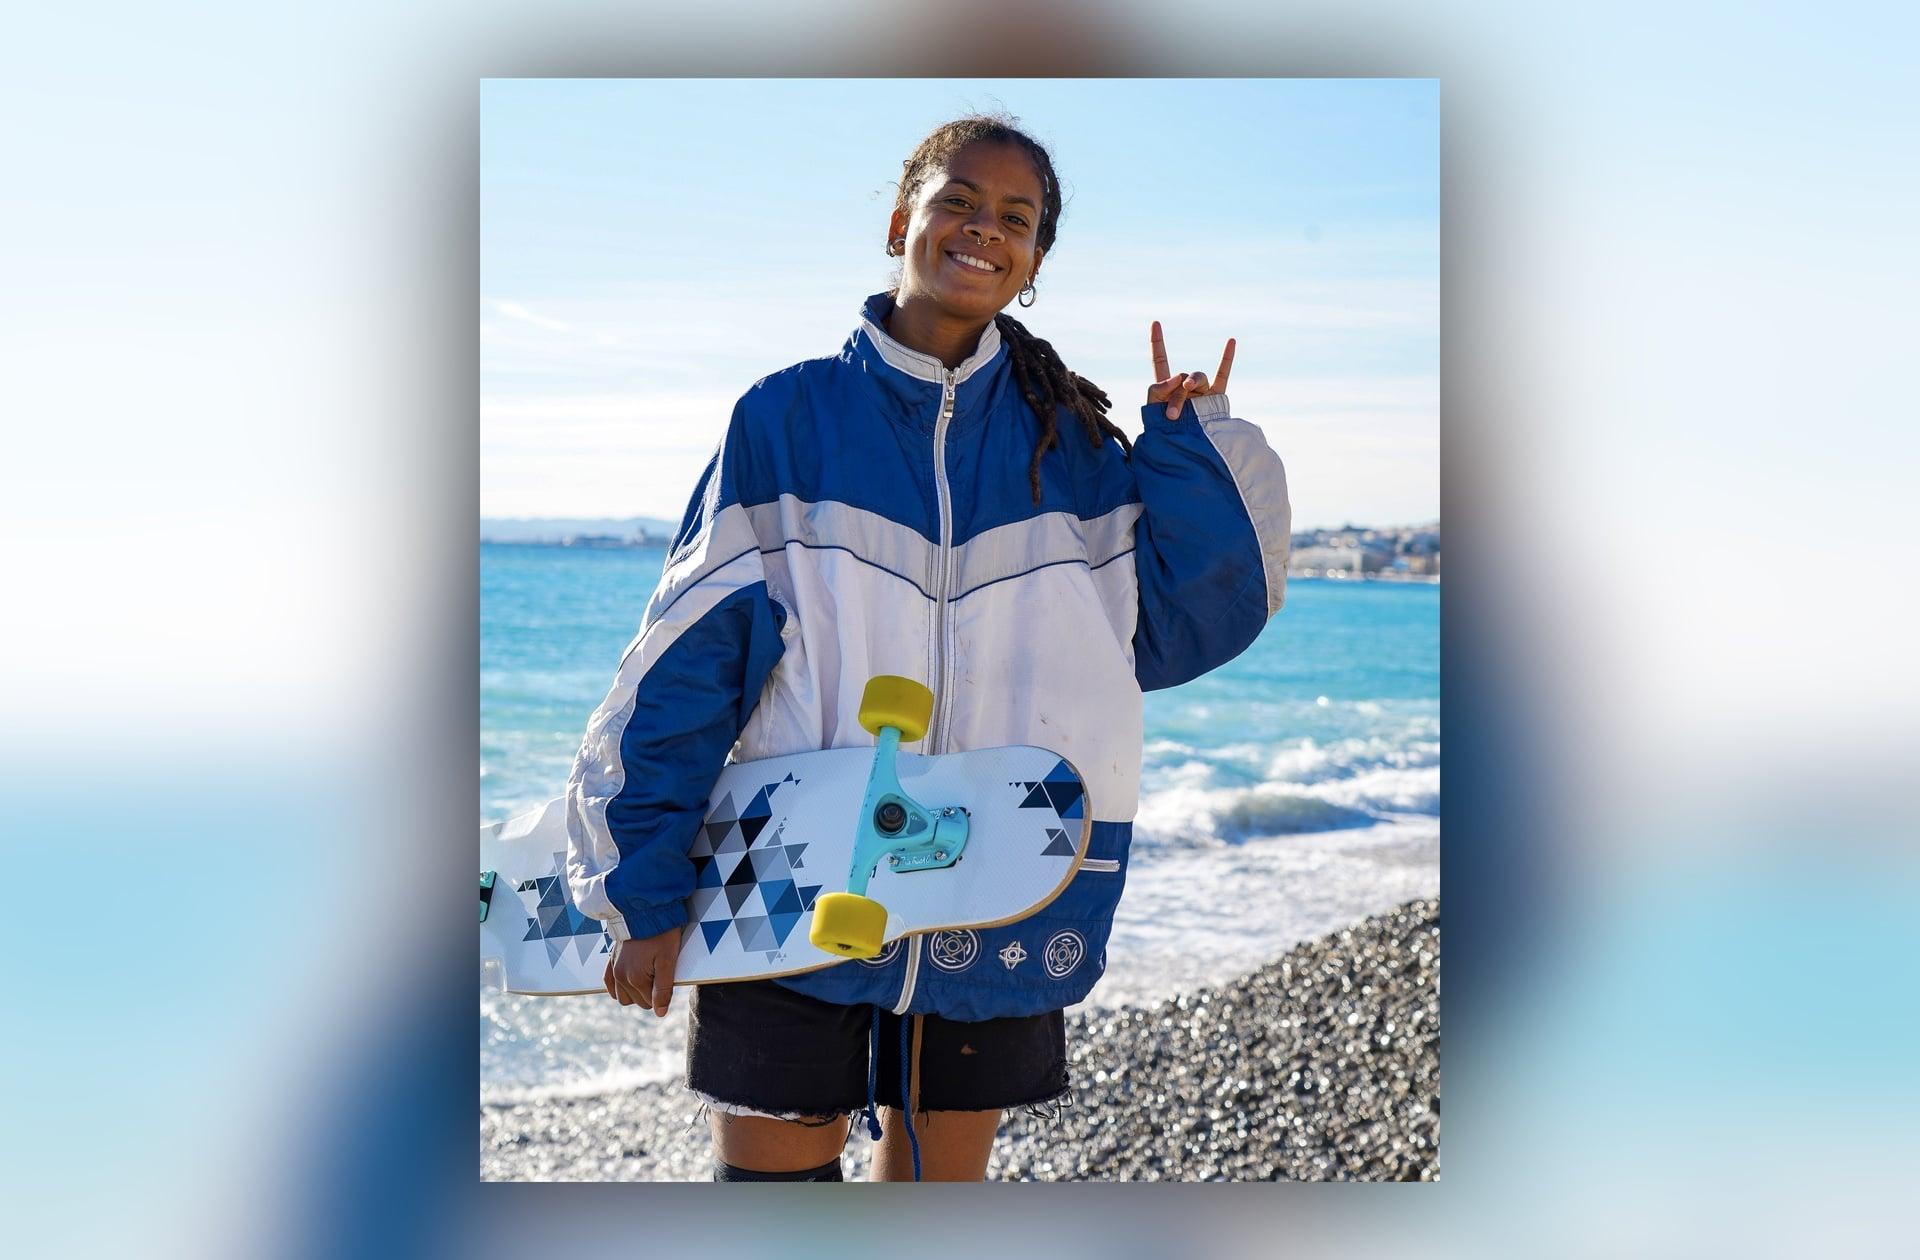 Comment Marina Correia est devenue la première femme noire championne du monde de longboard dancing